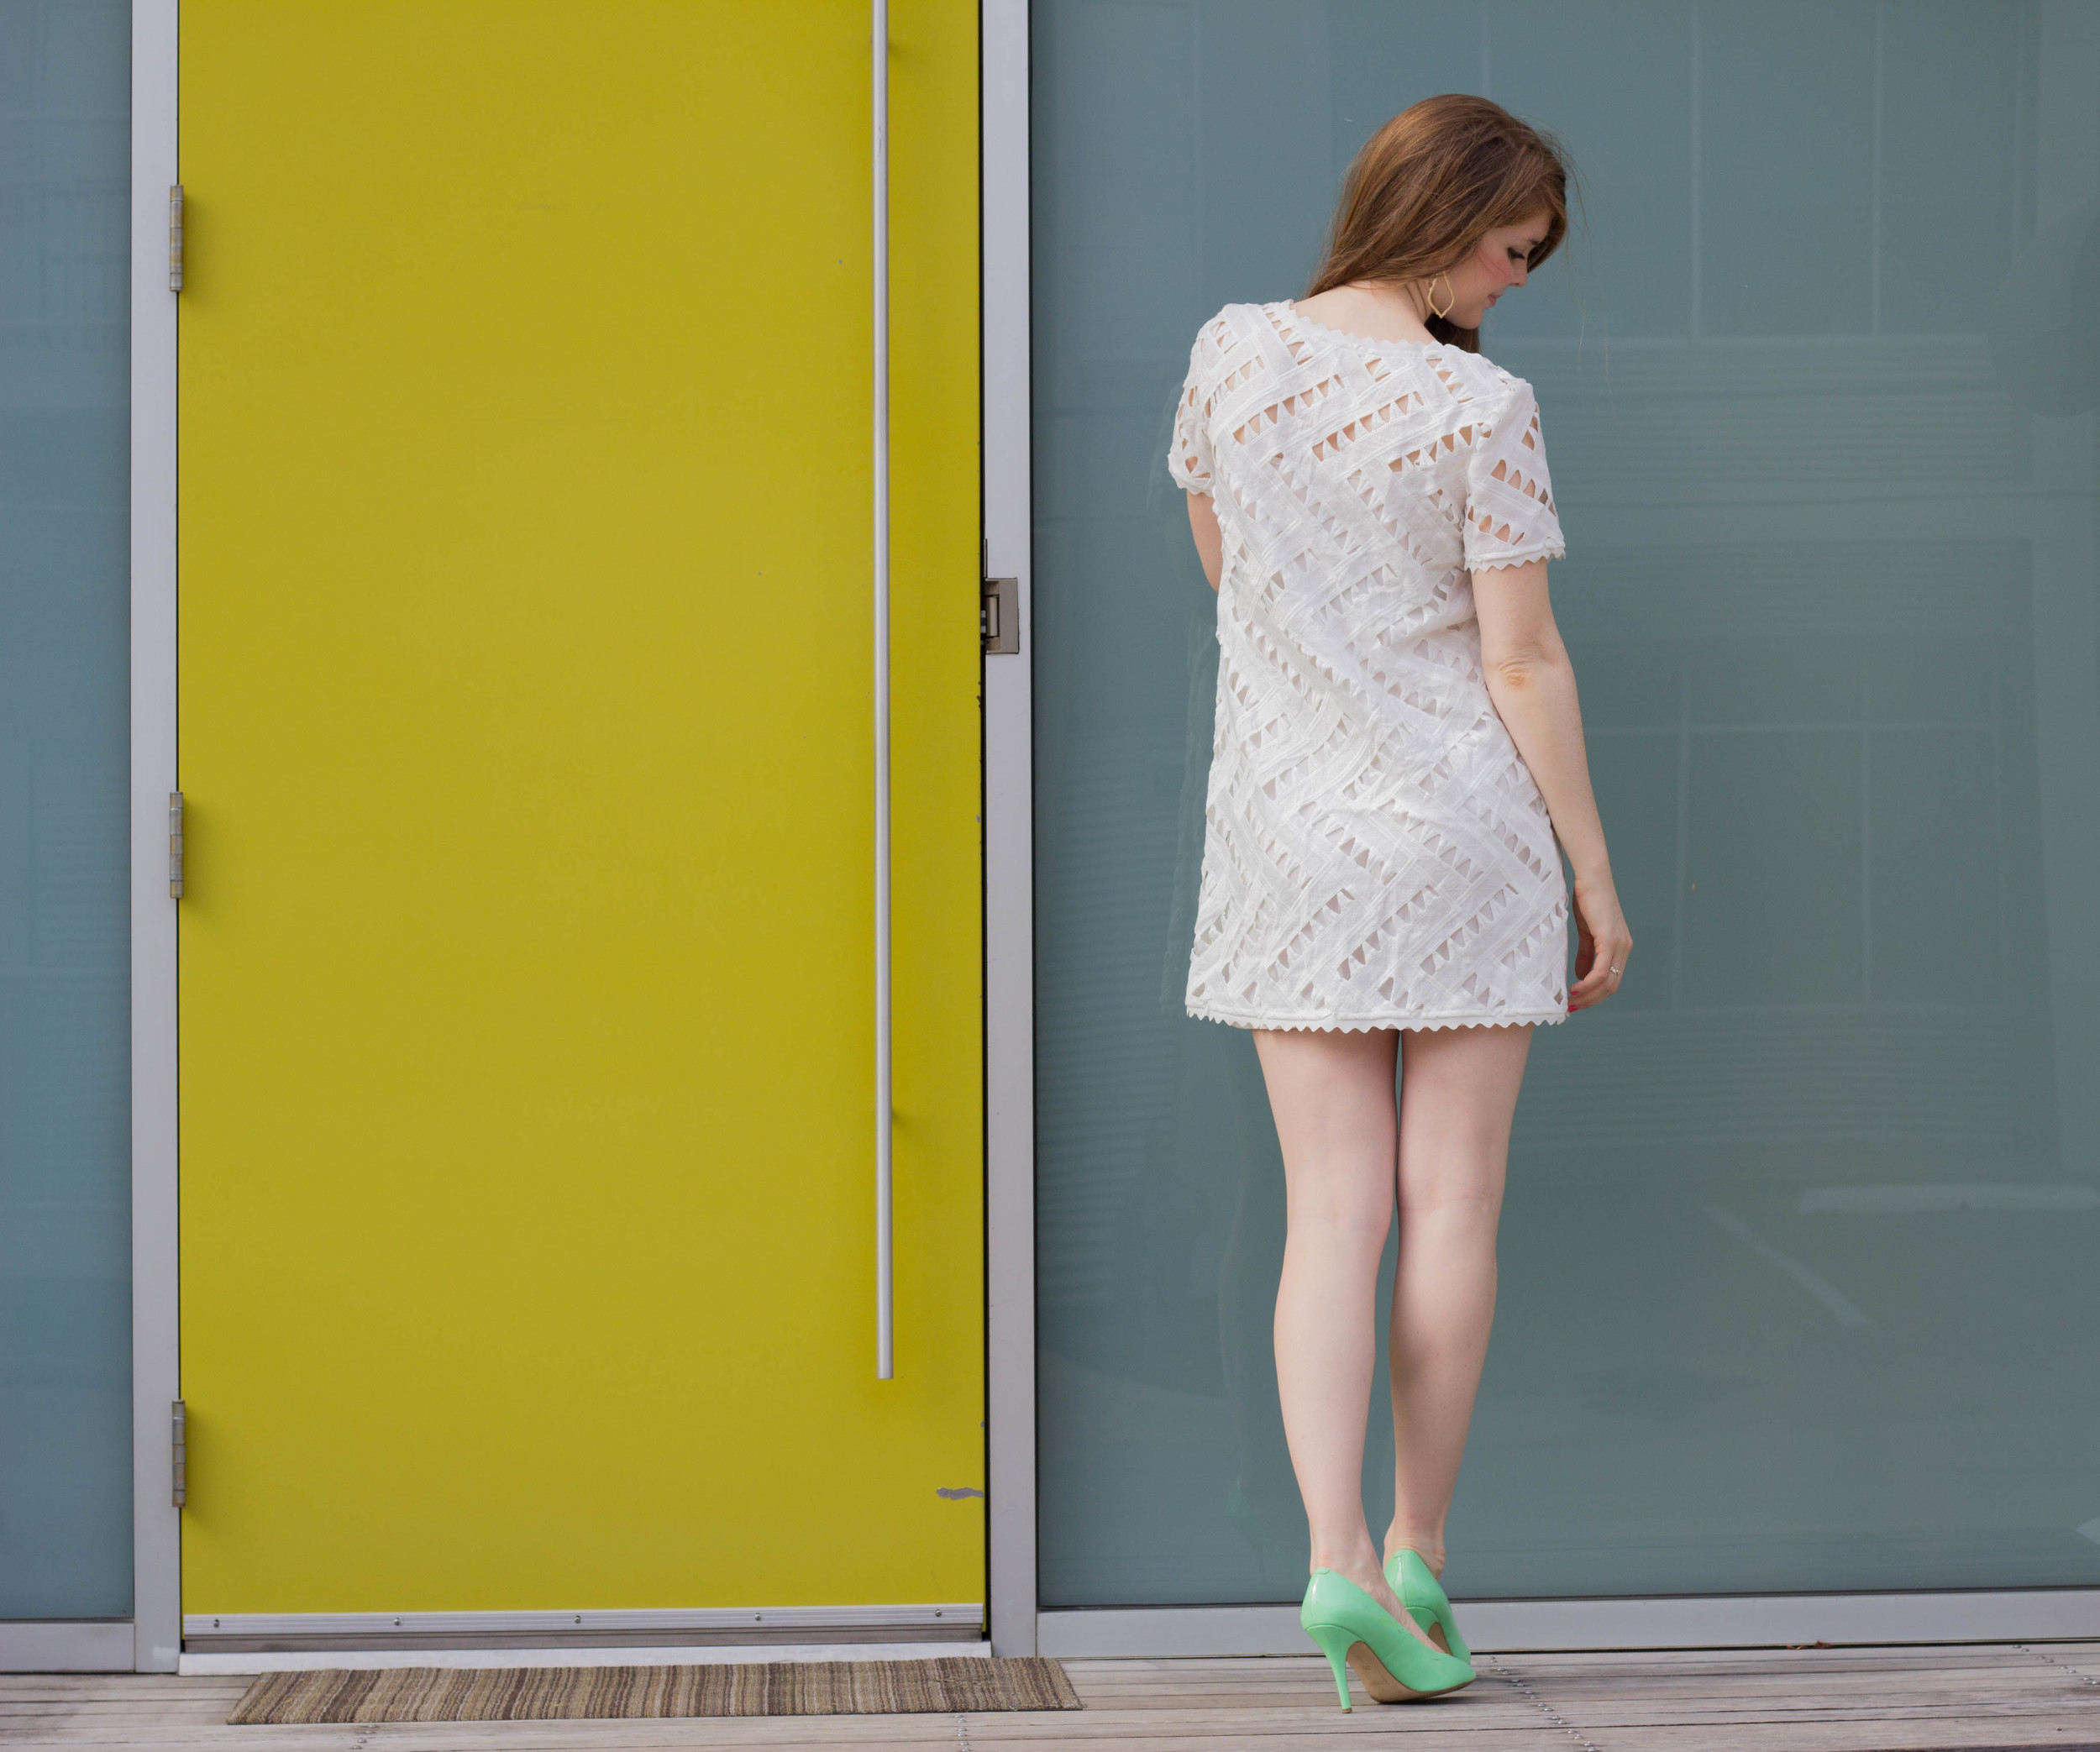 sugar + lips shopriffraff white cutout dress, little white dress, little white dress guide, j crew heels, spring clothes, summer clothes